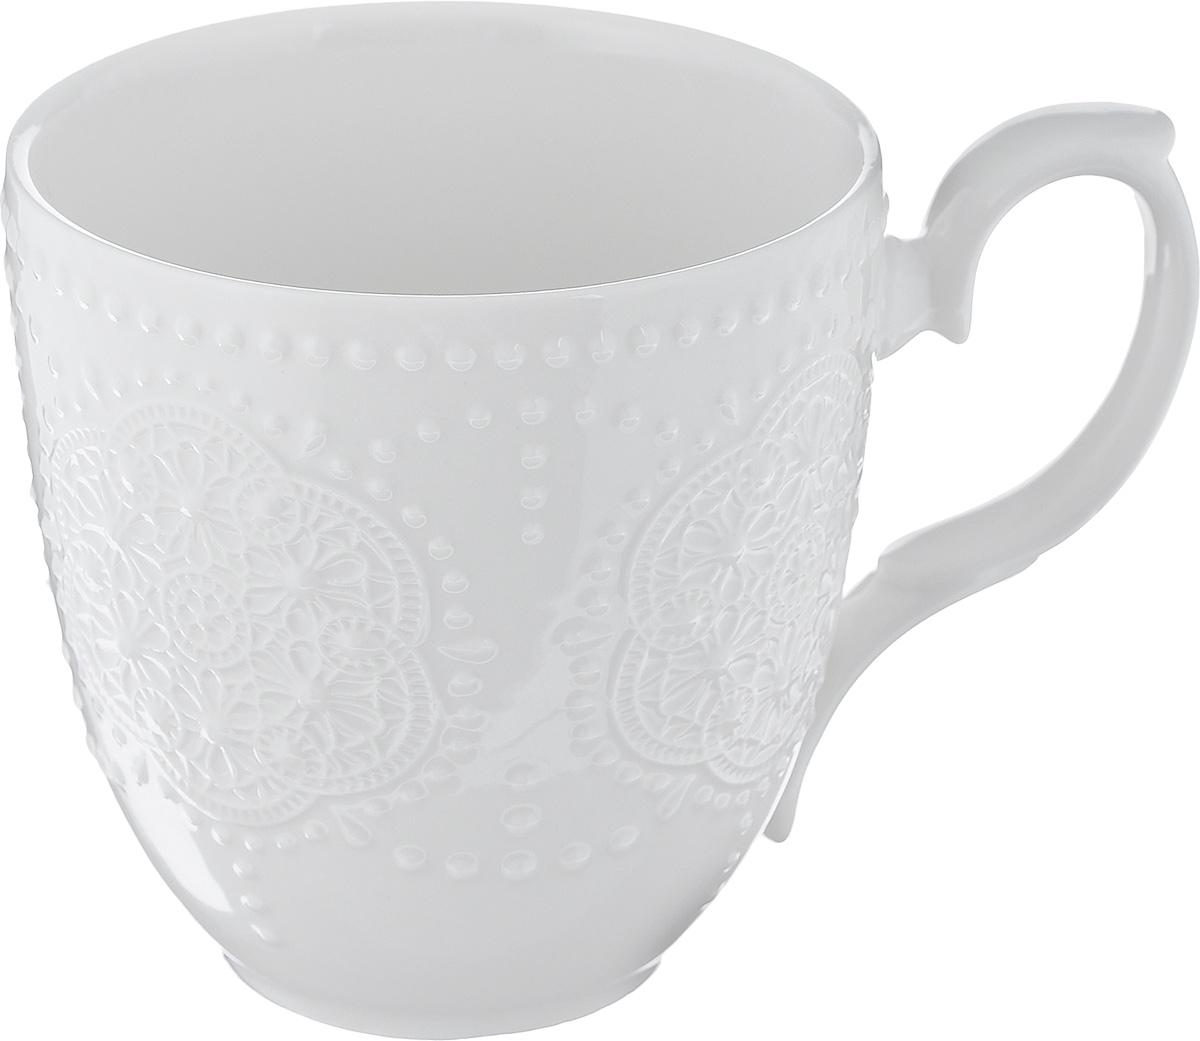 Кружка Walmer Vivien, цвет: белый, 350 млW07220035Кружка Walmer Vivien изготовлена из высококачественного фарфора. Изделие оформлено изысканным рельефным орнаментом. Такая кружка прекрасно оформит стол к чаепитию и станет его неизменным атрибутом. Не рекомендуется применять абразивные моющие средства. Диаметр (по верхнему краю): 9 см. Высота: 9,5 см.